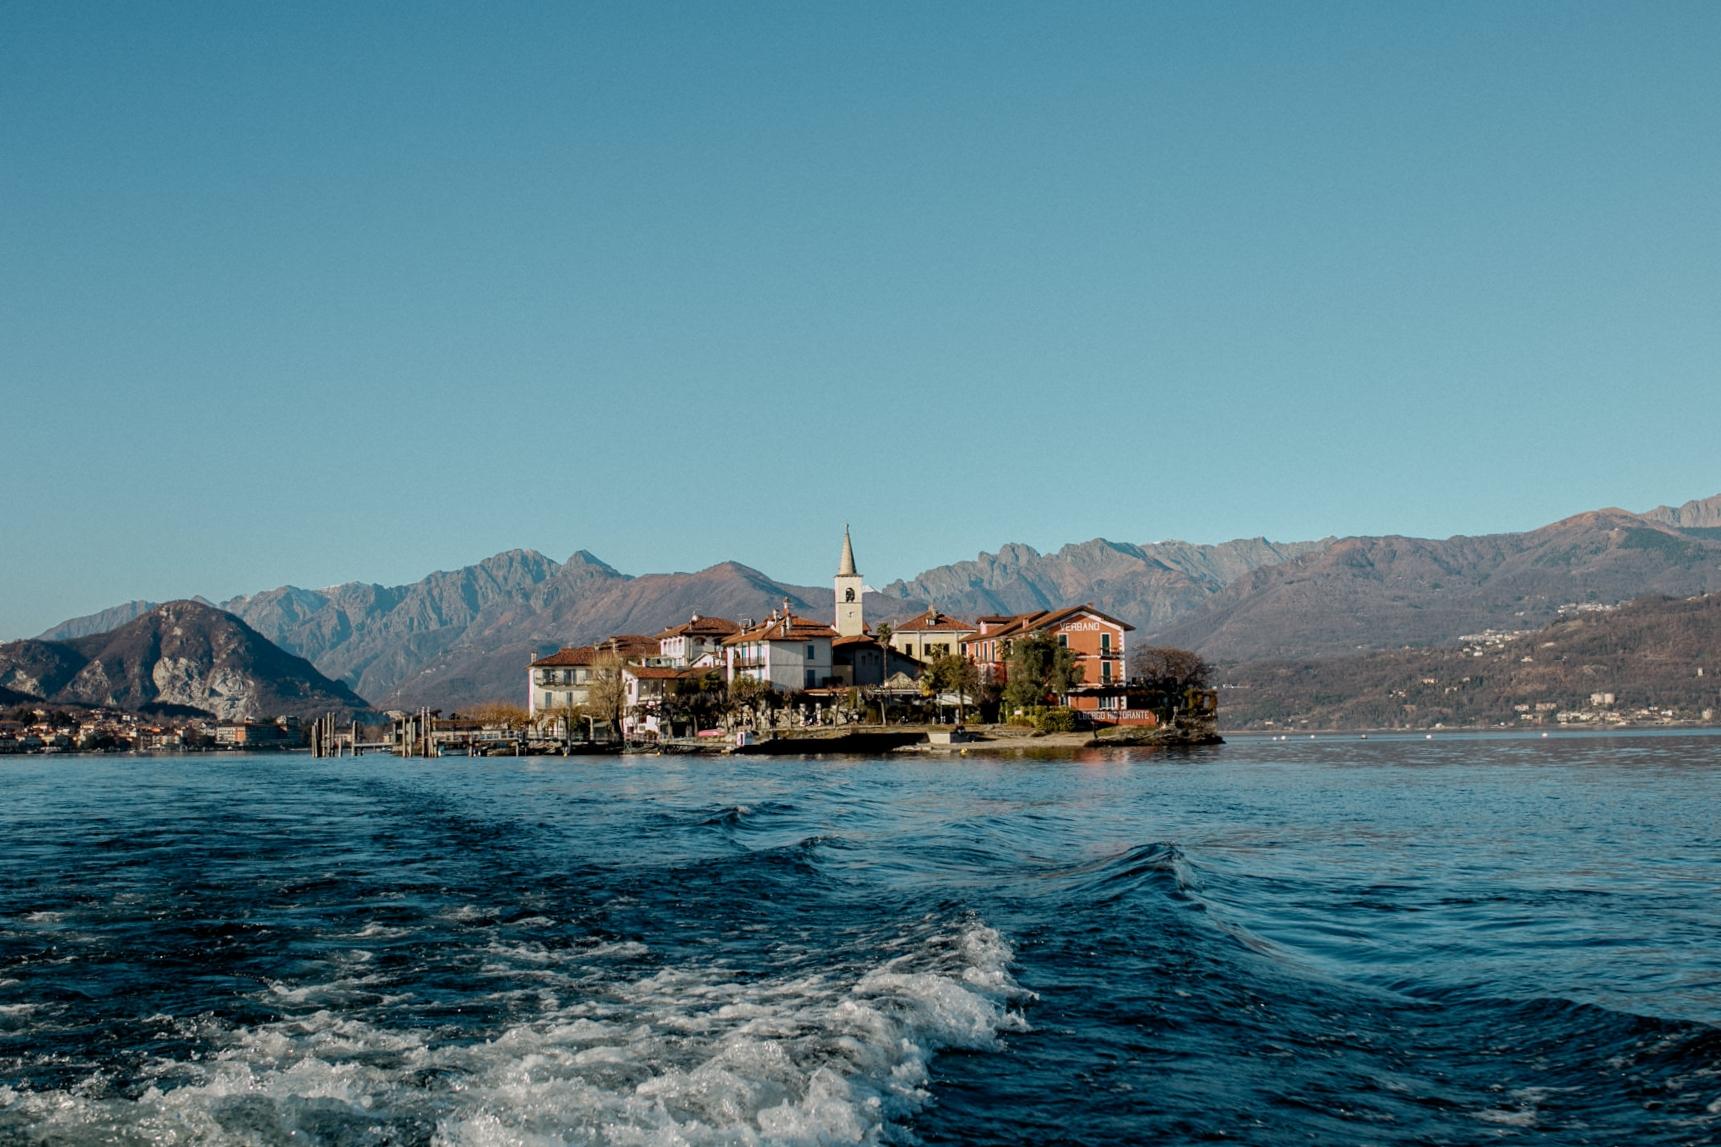 lago_maggiore_italy_liviafigueiredo_8441.jpg